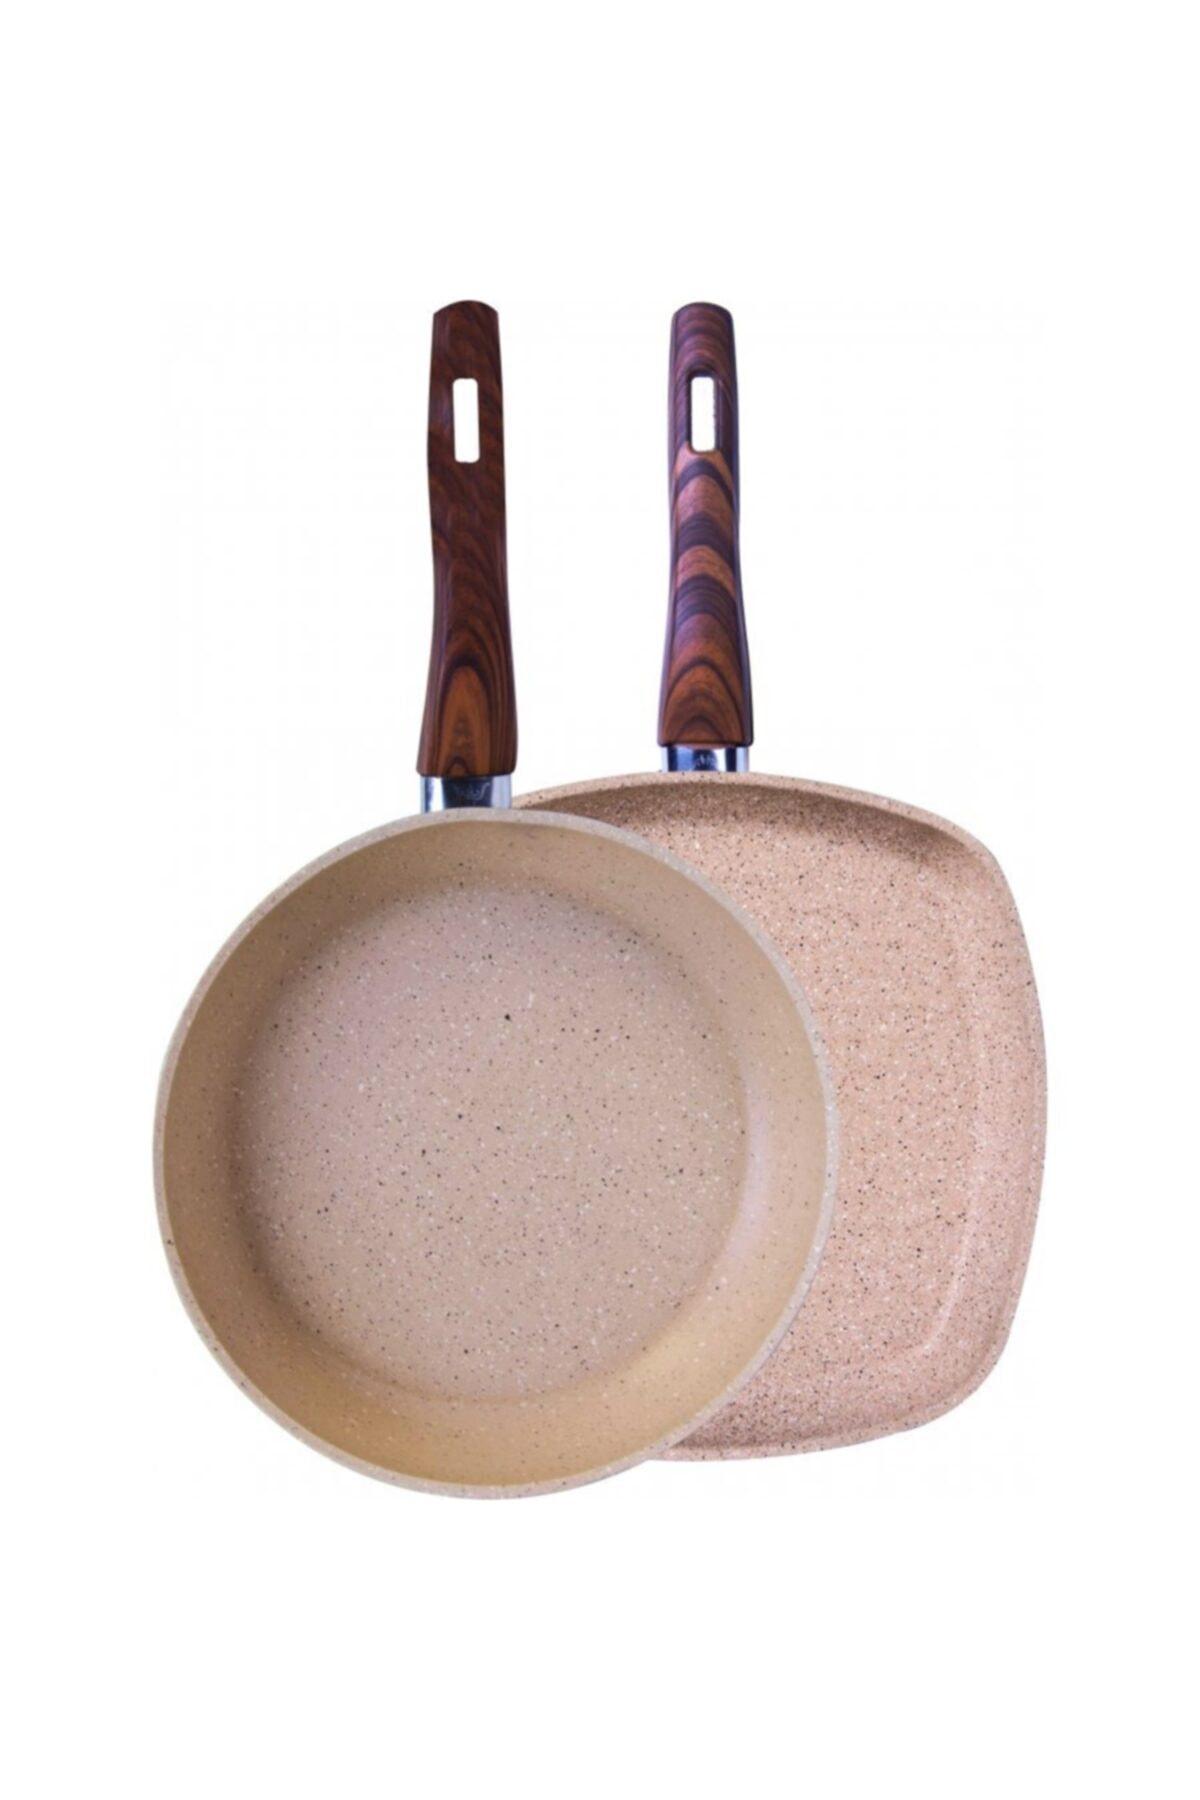 Karaca Forest Bio Granit Grill Tava Set 1